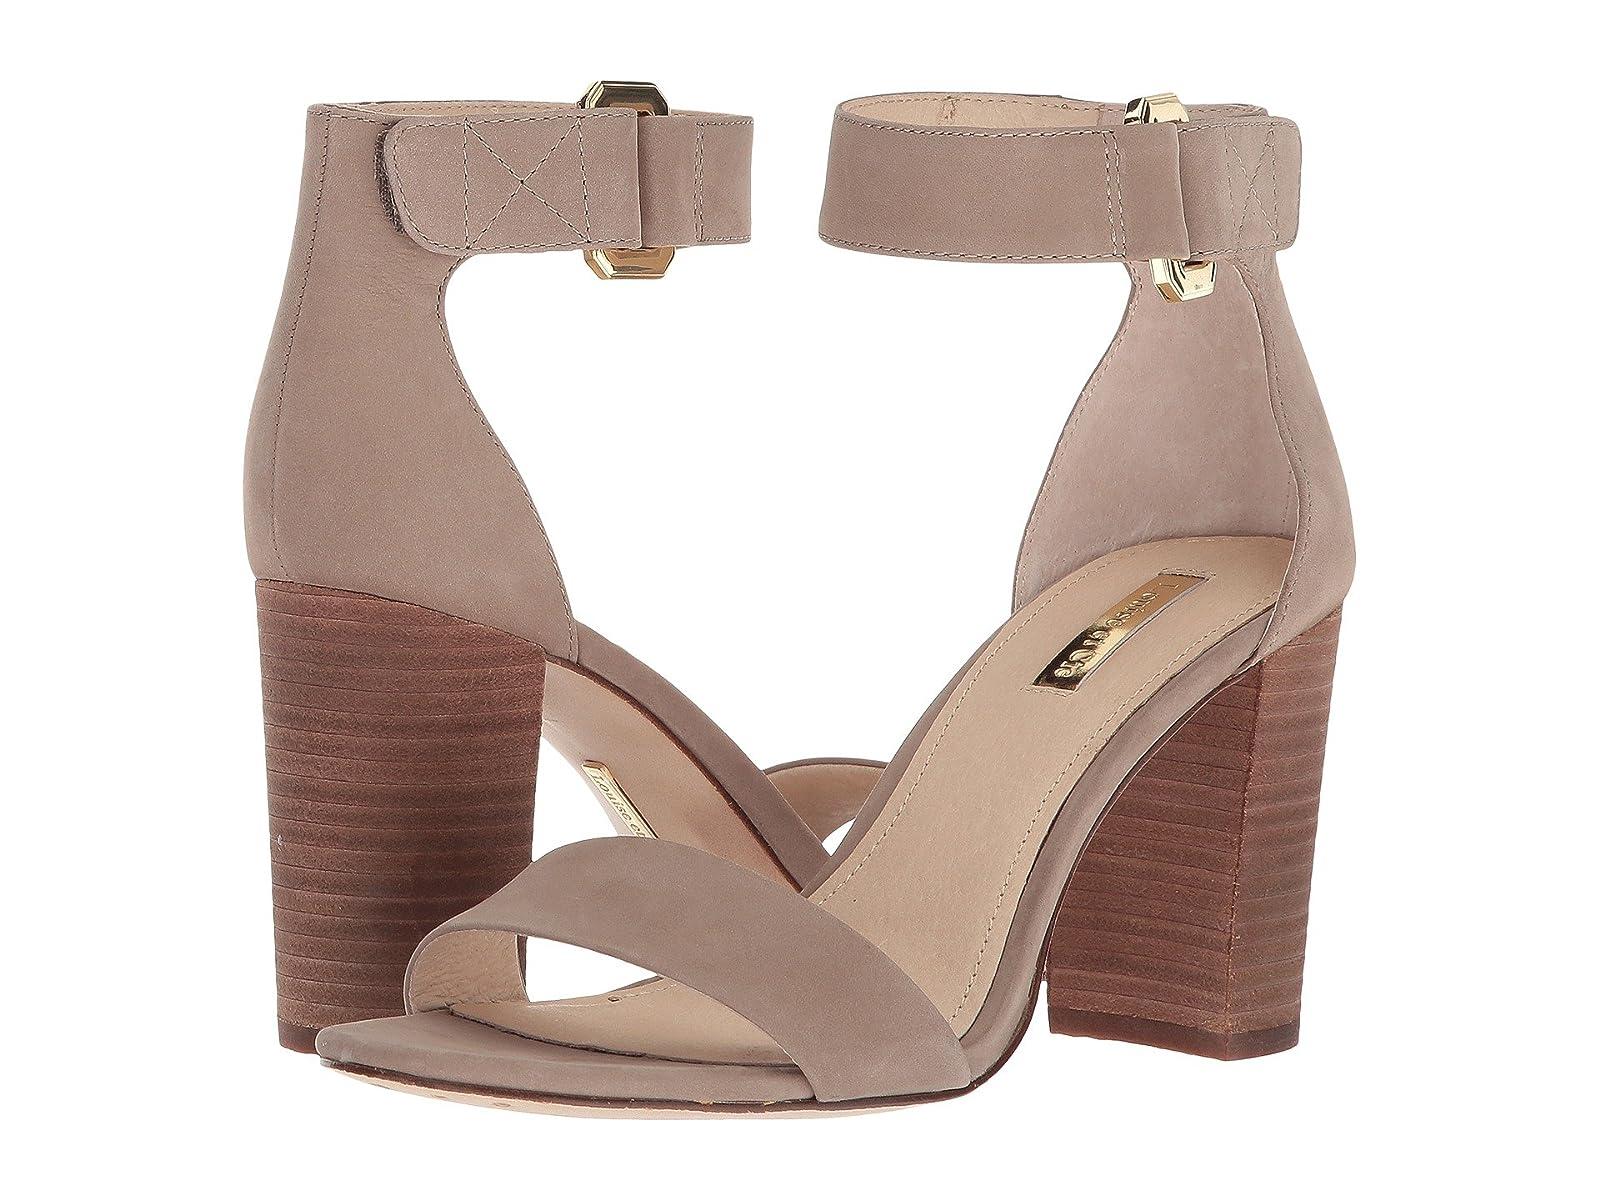 Louise et Cie KaiAtmospheric grades have affordable shoes